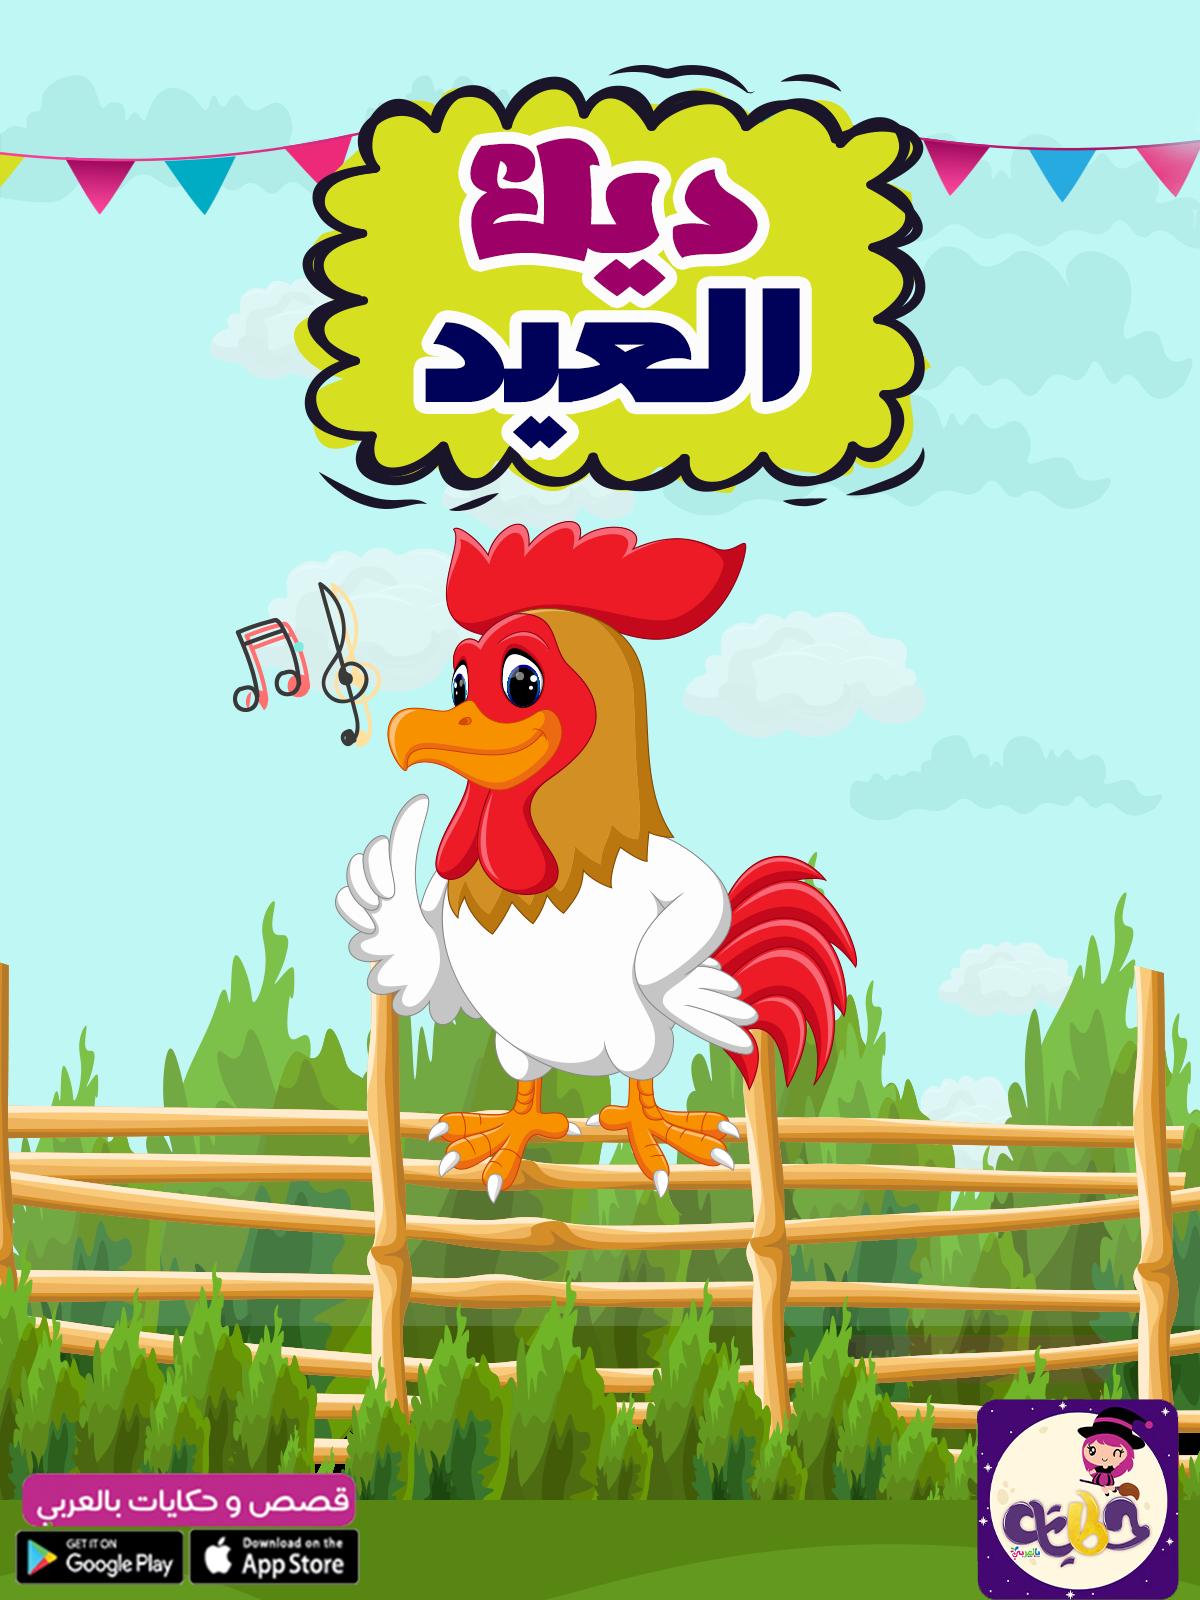 قصة ديك العيد بالصور قصص العيد مصورة للاطفال بتطبيق قصص وحكايات بالعربي Arabic Kids Stories For Kids Animal Classification